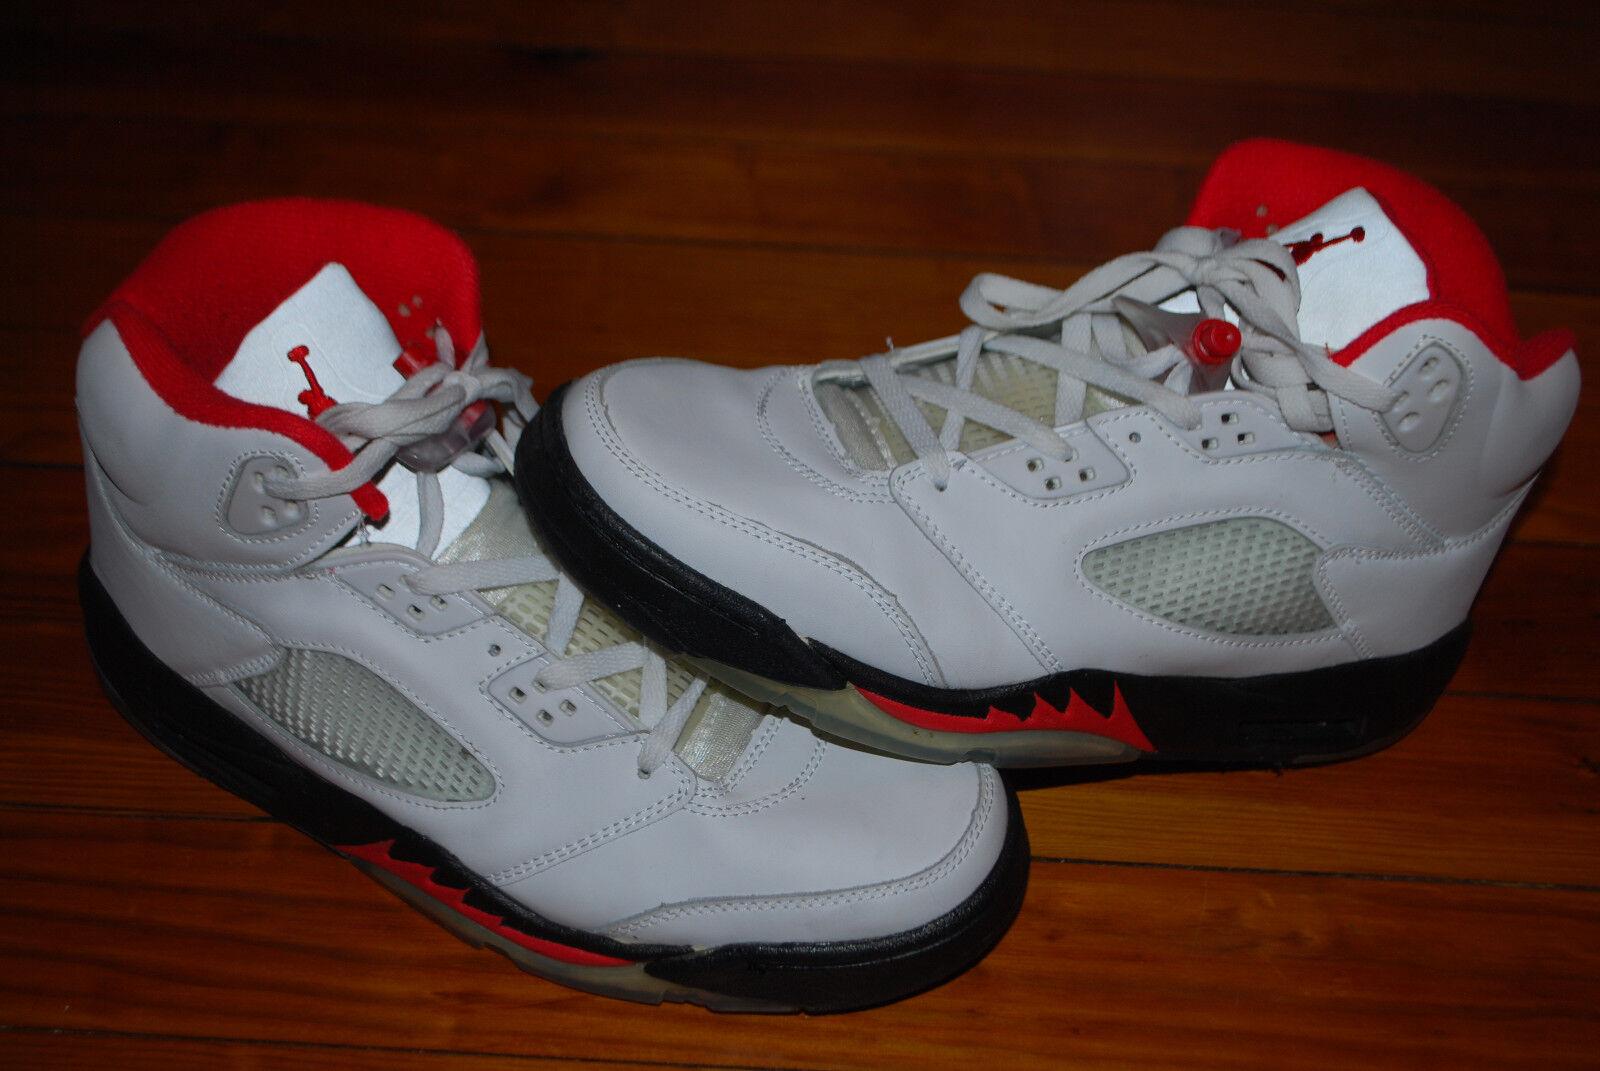 Men's Nike Air Jordan (V) 5 Retro White Fire Red Black Sneakers (13) 136027-101